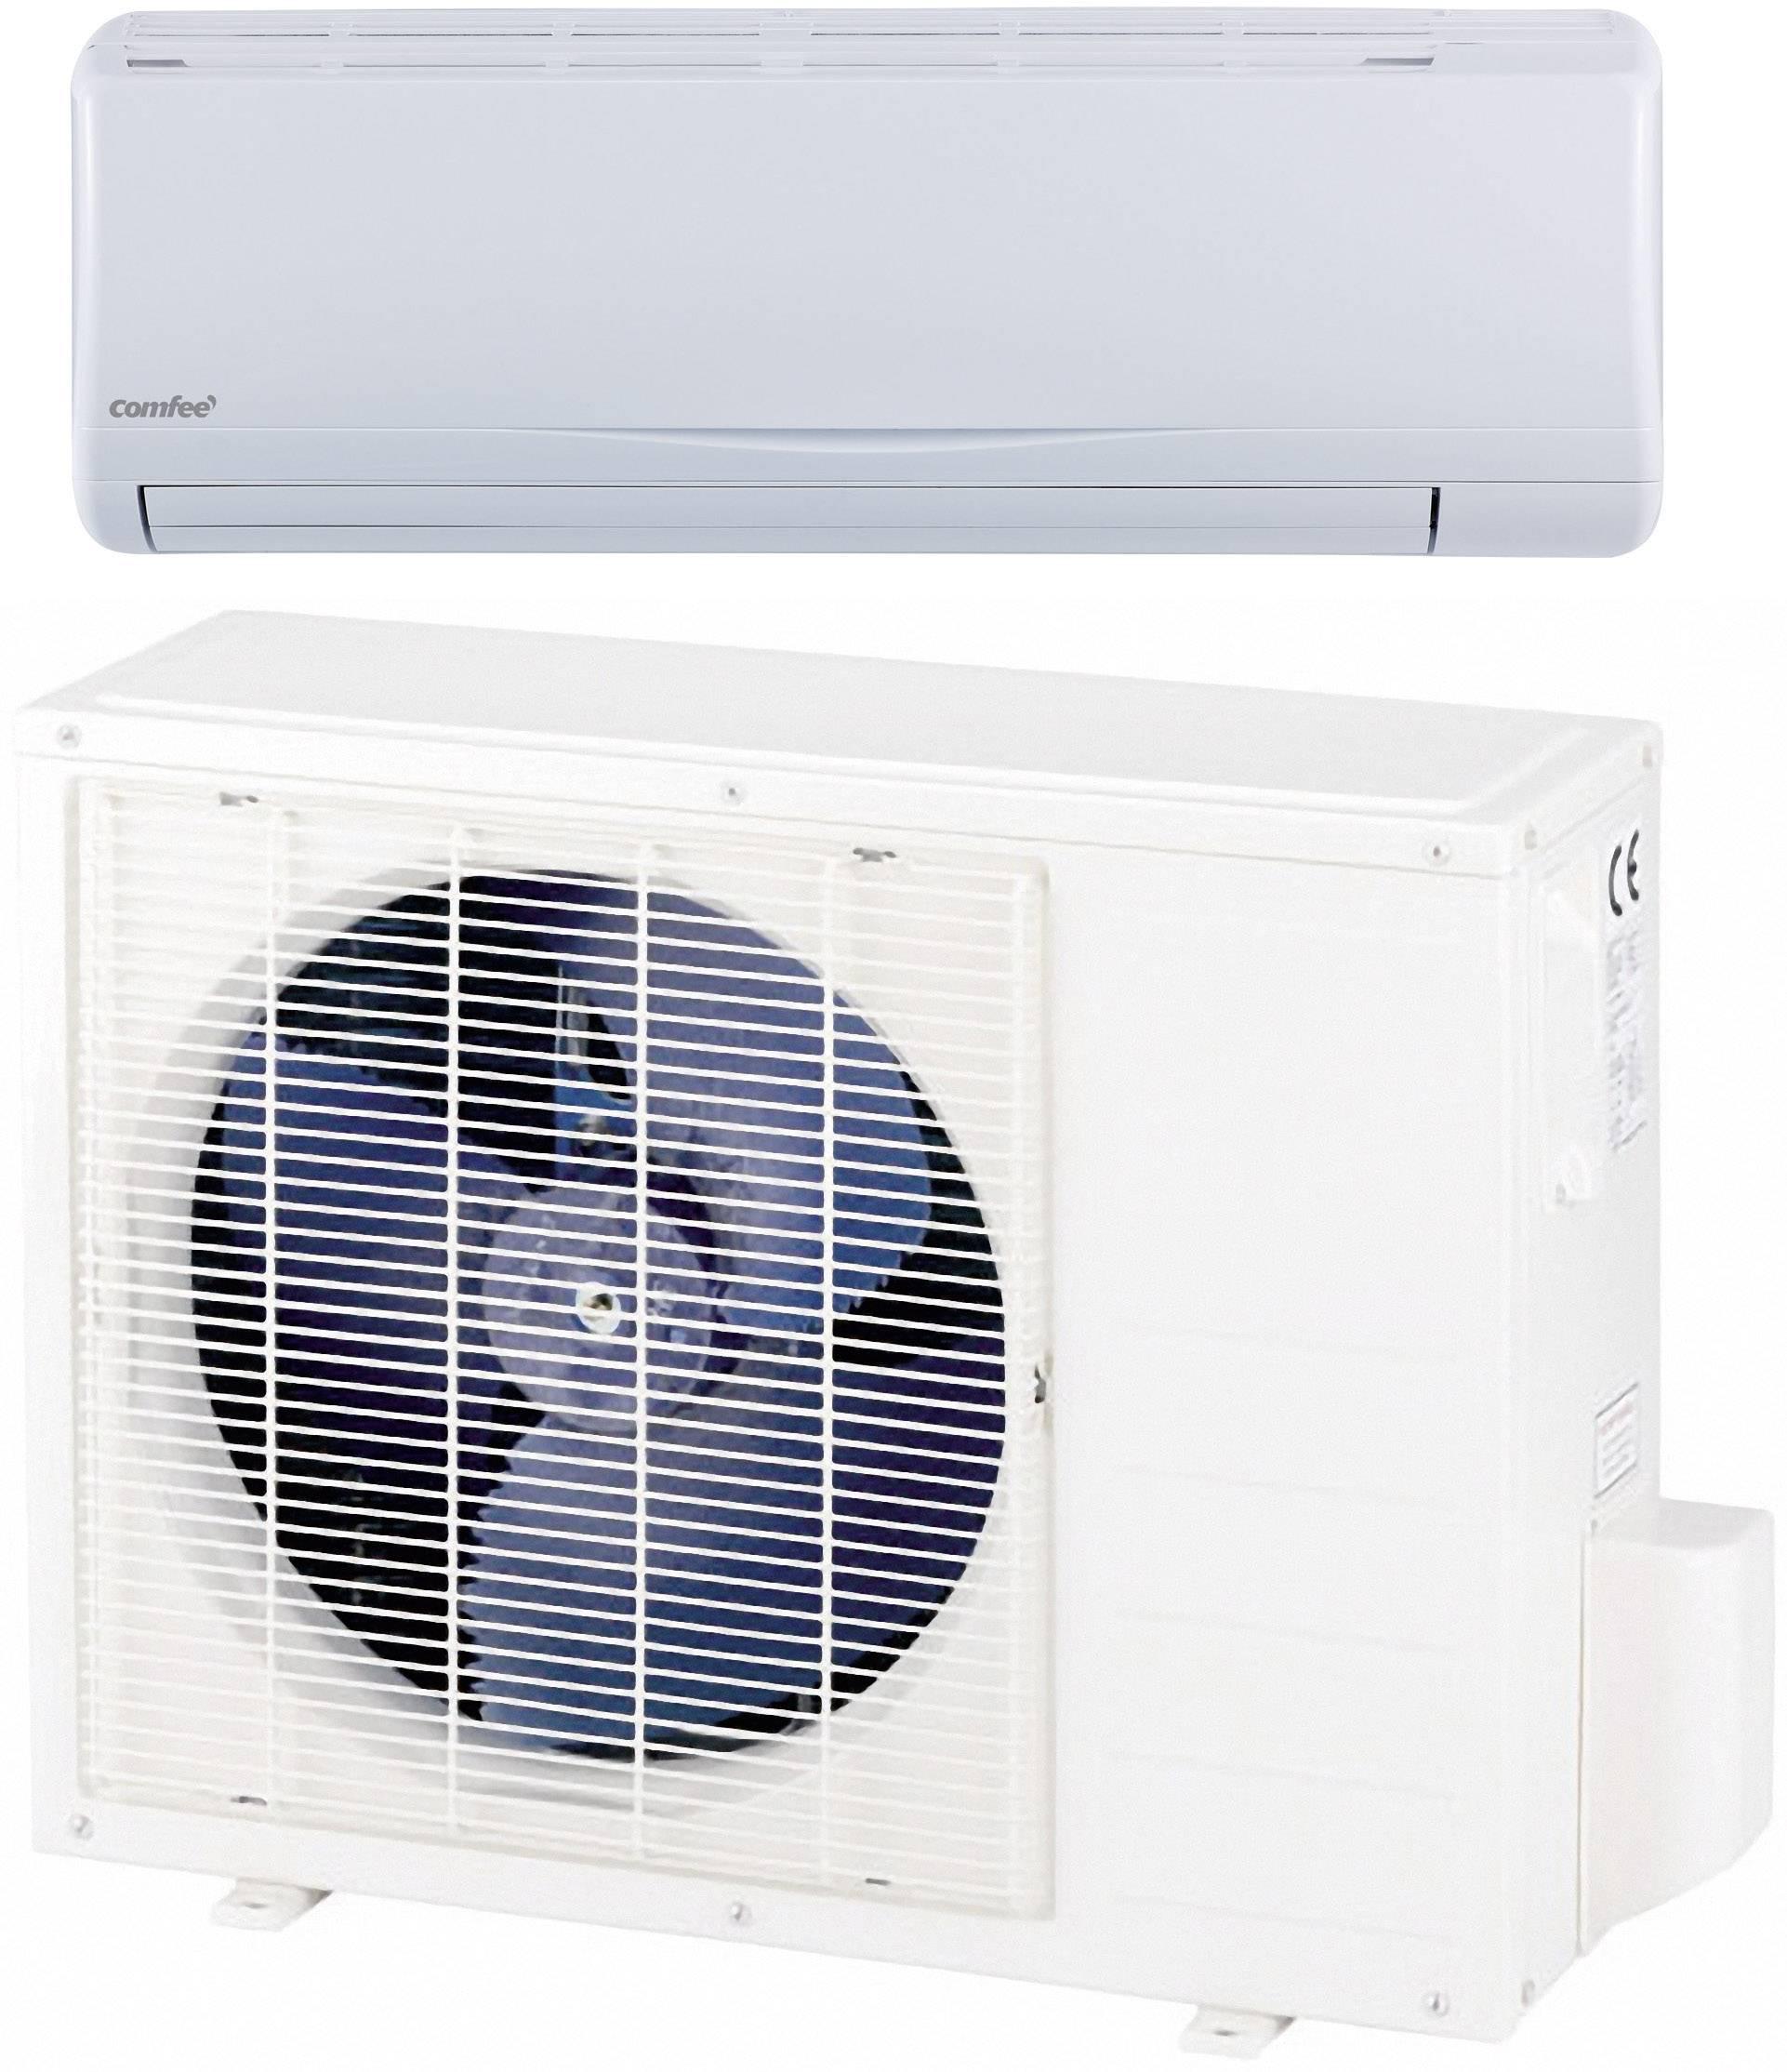 Inverter Split Airco Energielabel Verwarmen Koelen A 2600 W 40 M² Comfee By Midea Msr23 09hrdn1 Wit Grijs